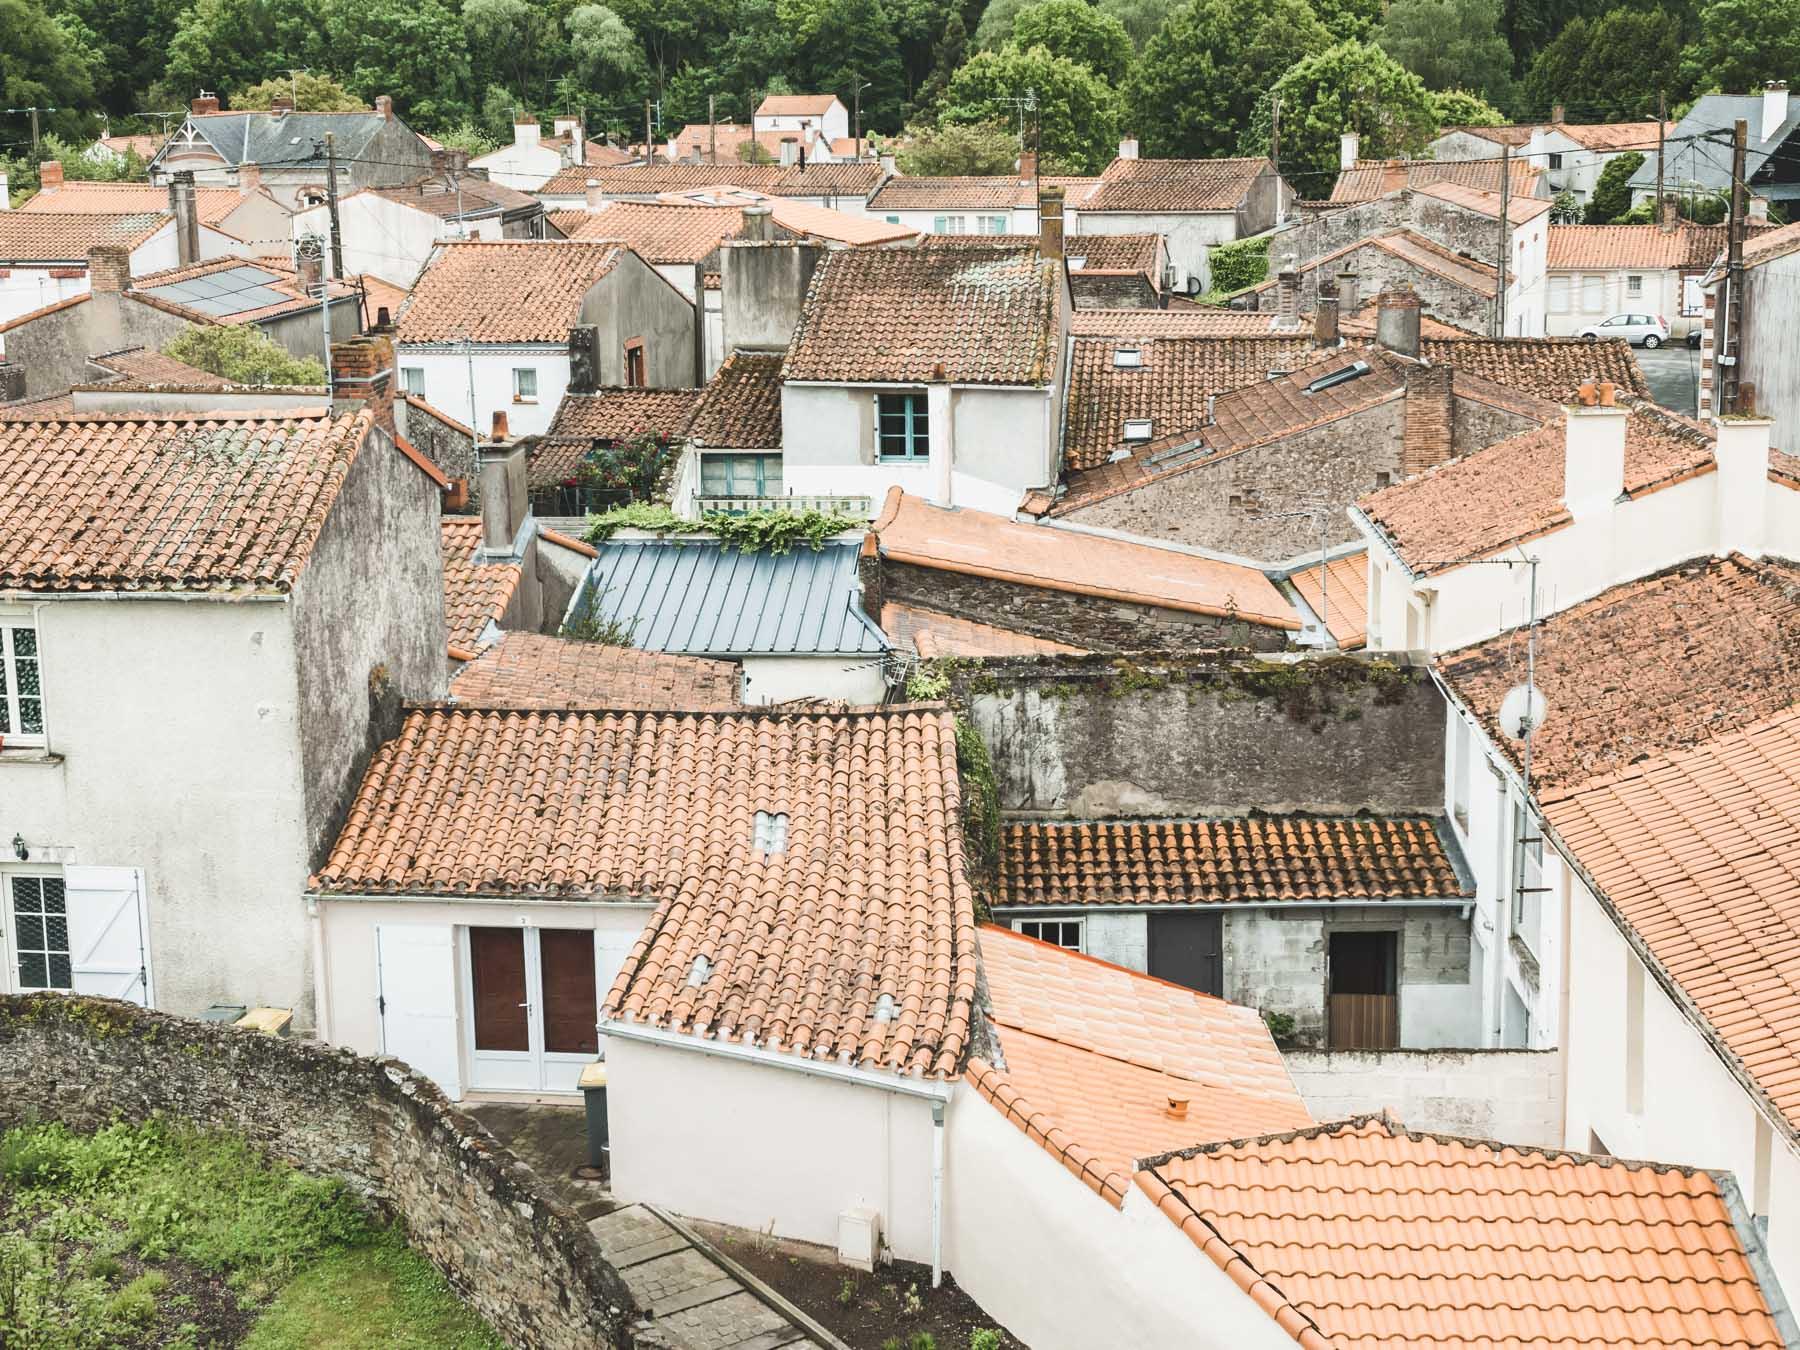 MAISON DES PÊCHEURS DU LAC DE GRAND-LIEU